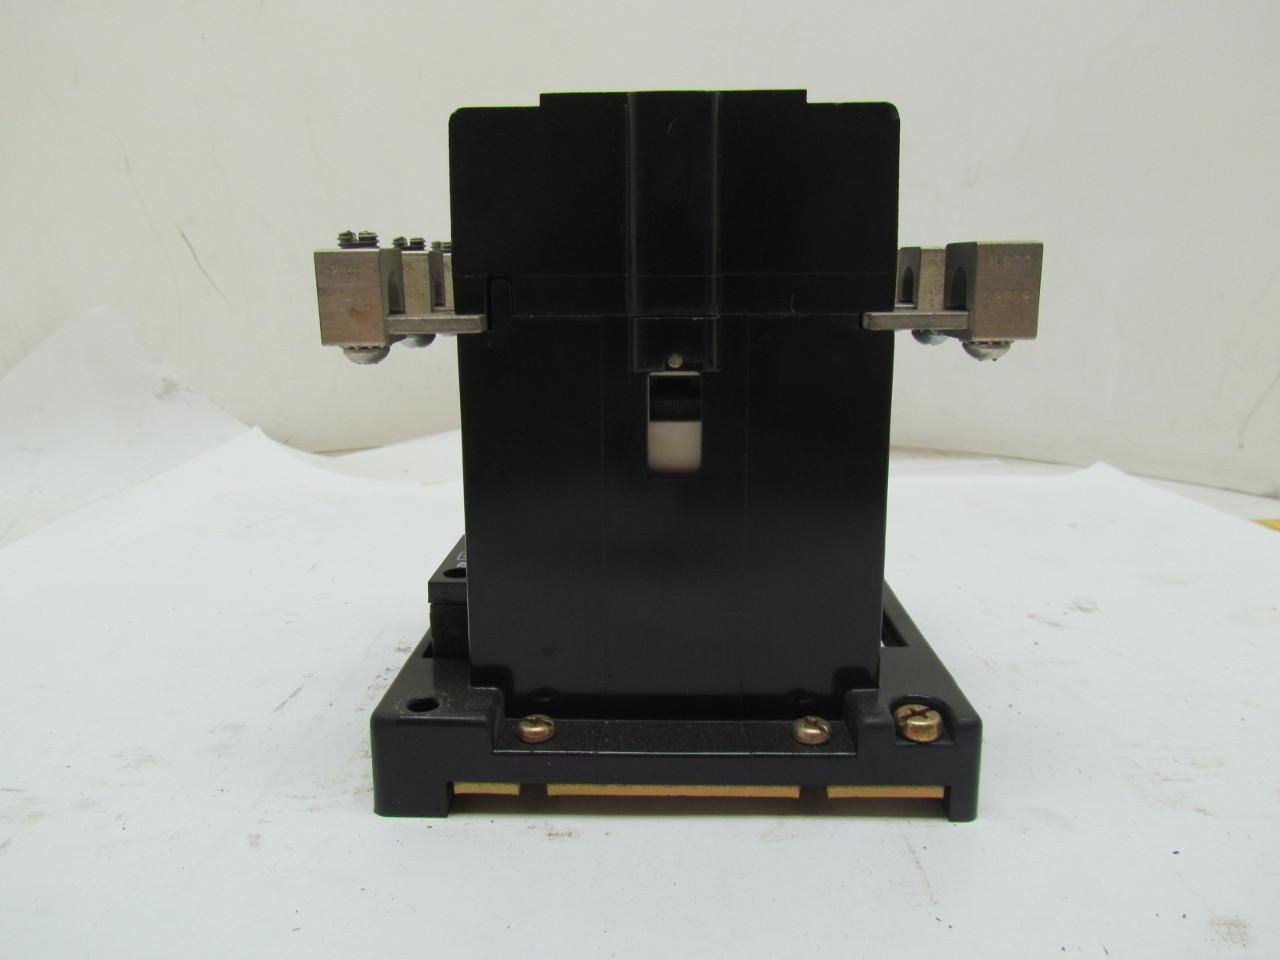 asea eh65 600v 85amp 3ph 110 120v coil motor starter relay. Black Bedroom Furniture Sets. Home Design Ideas